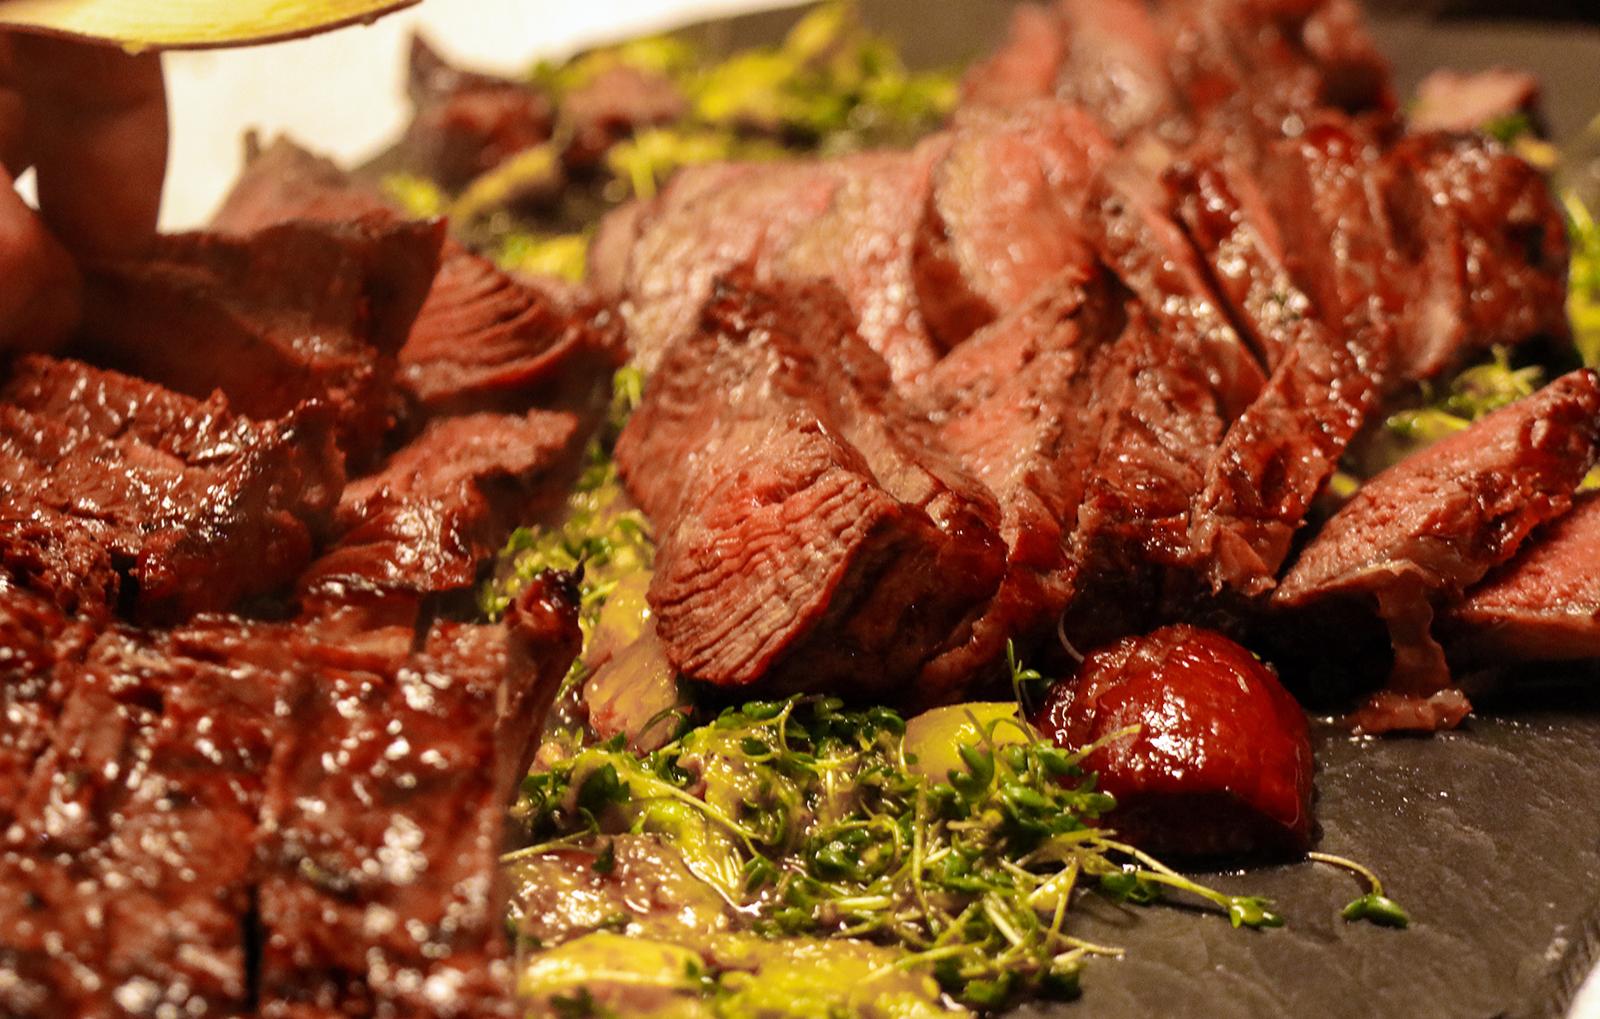 steak-tasting-chemnitz-bg3